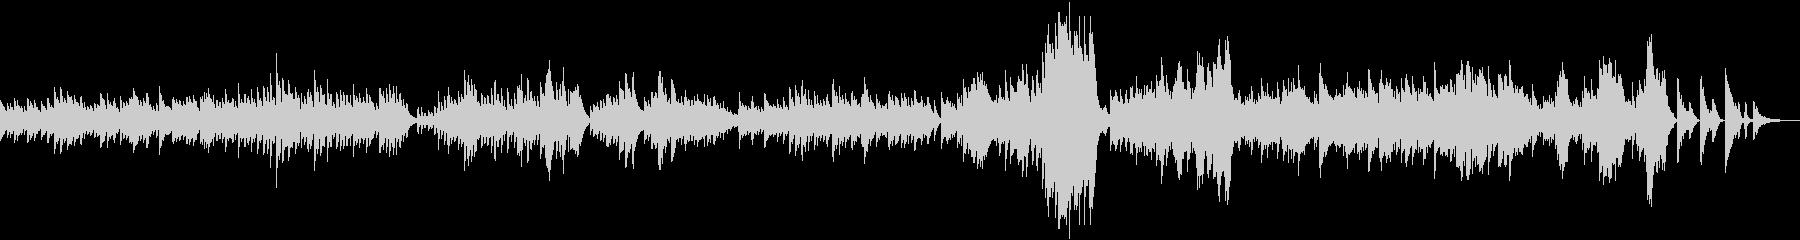 ベートーヴェン ピアノソナタ第8番 悲愴の未再生の波形